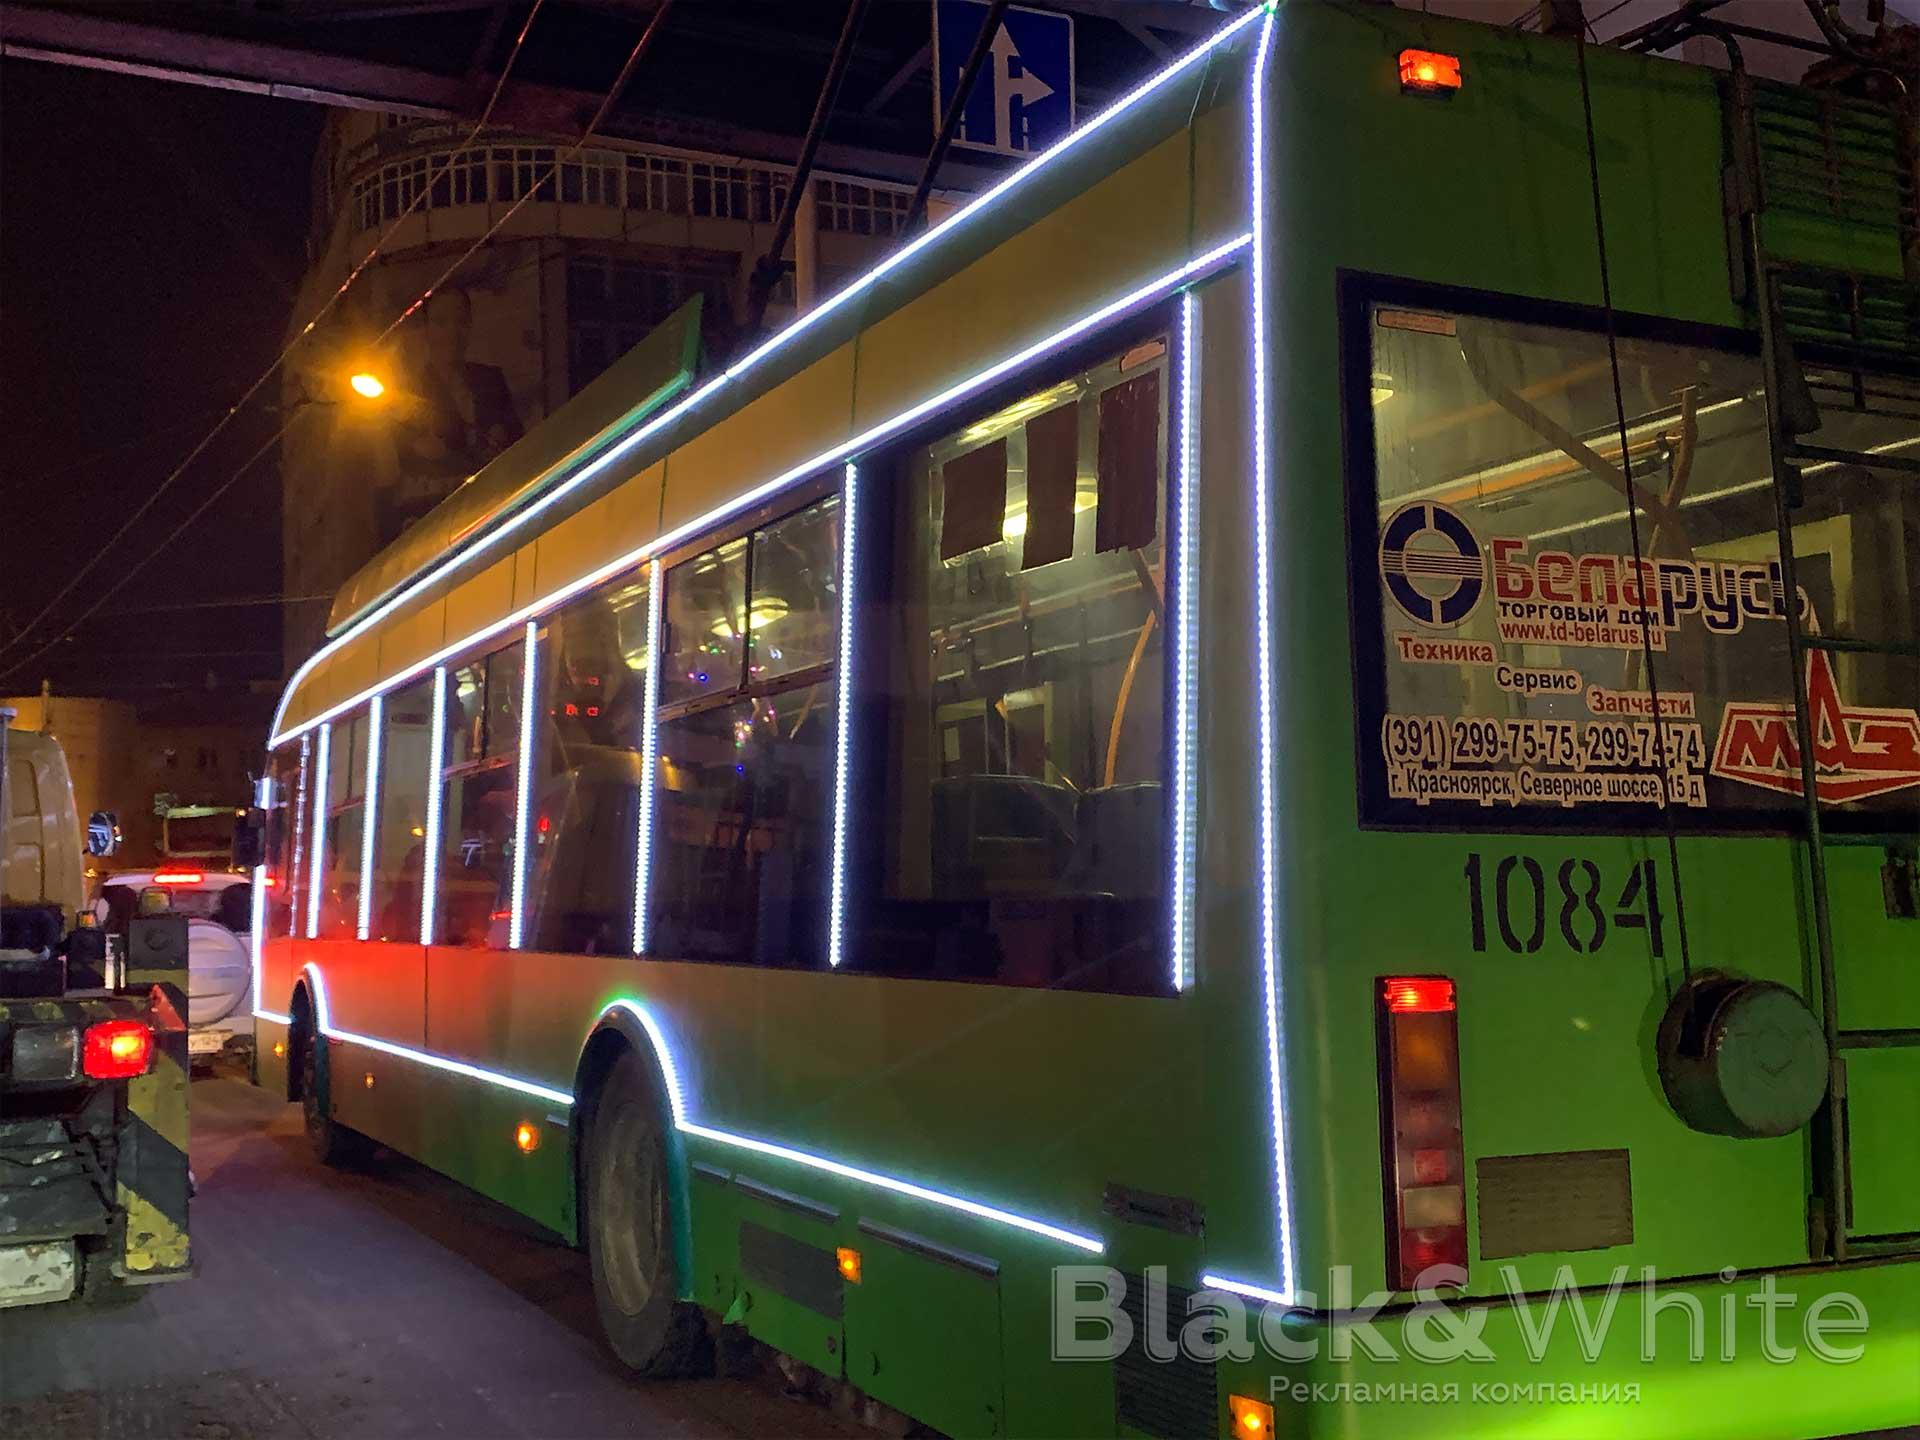 подсветка-автобуса-подсветка-городского-транспорта-в-Красноярске.jpg